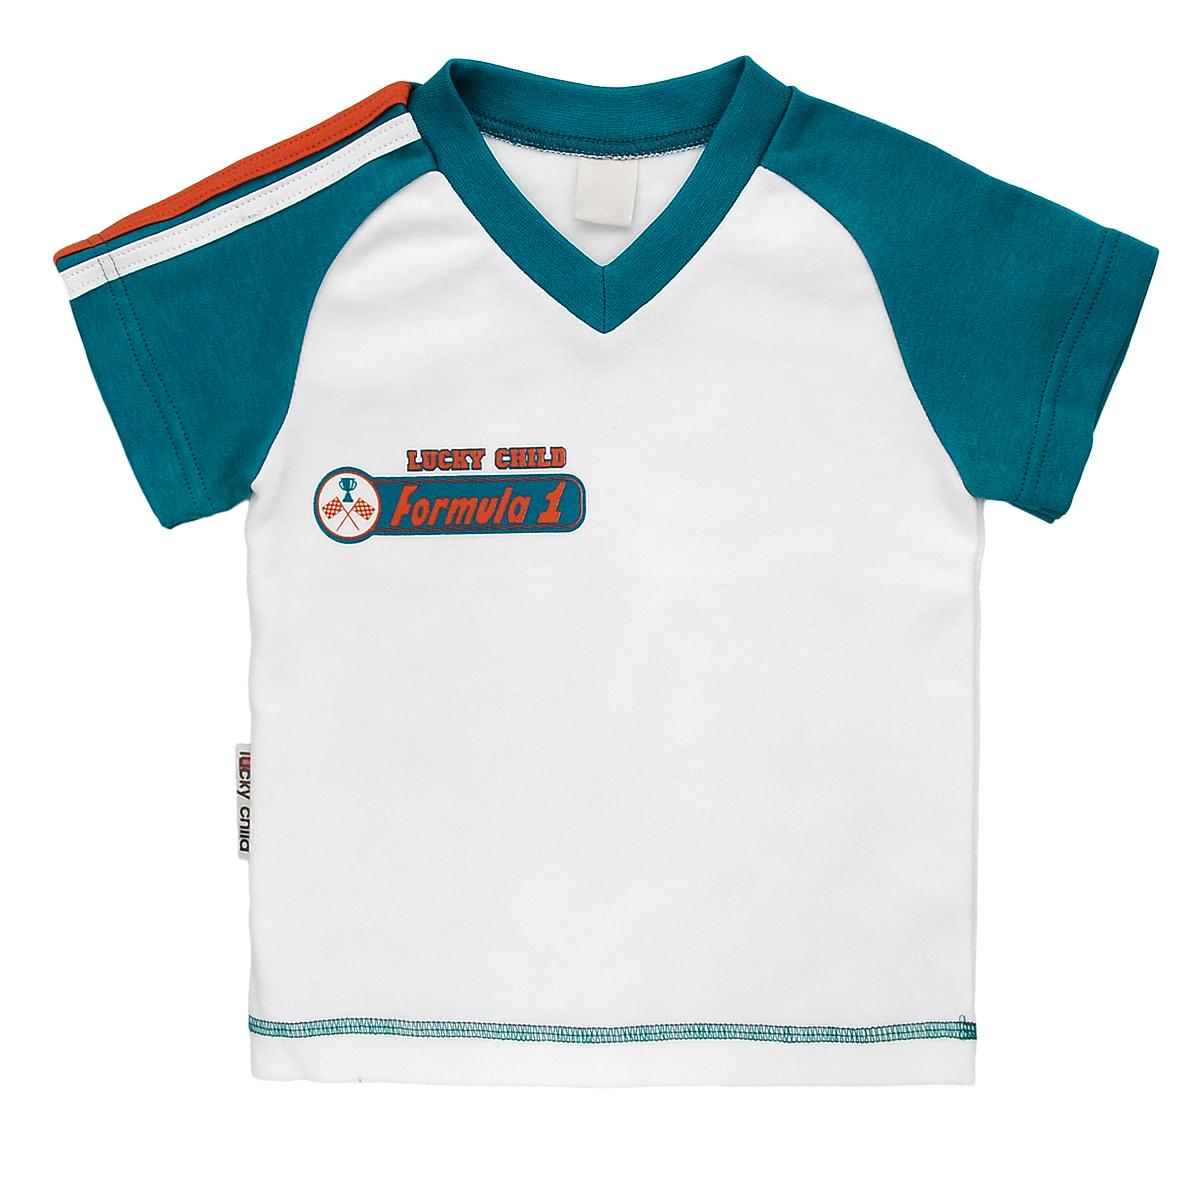 Футболка для мальчика Lucky Child, цвет: сине-зеленый, молочный. 21-262. Размер 98/104